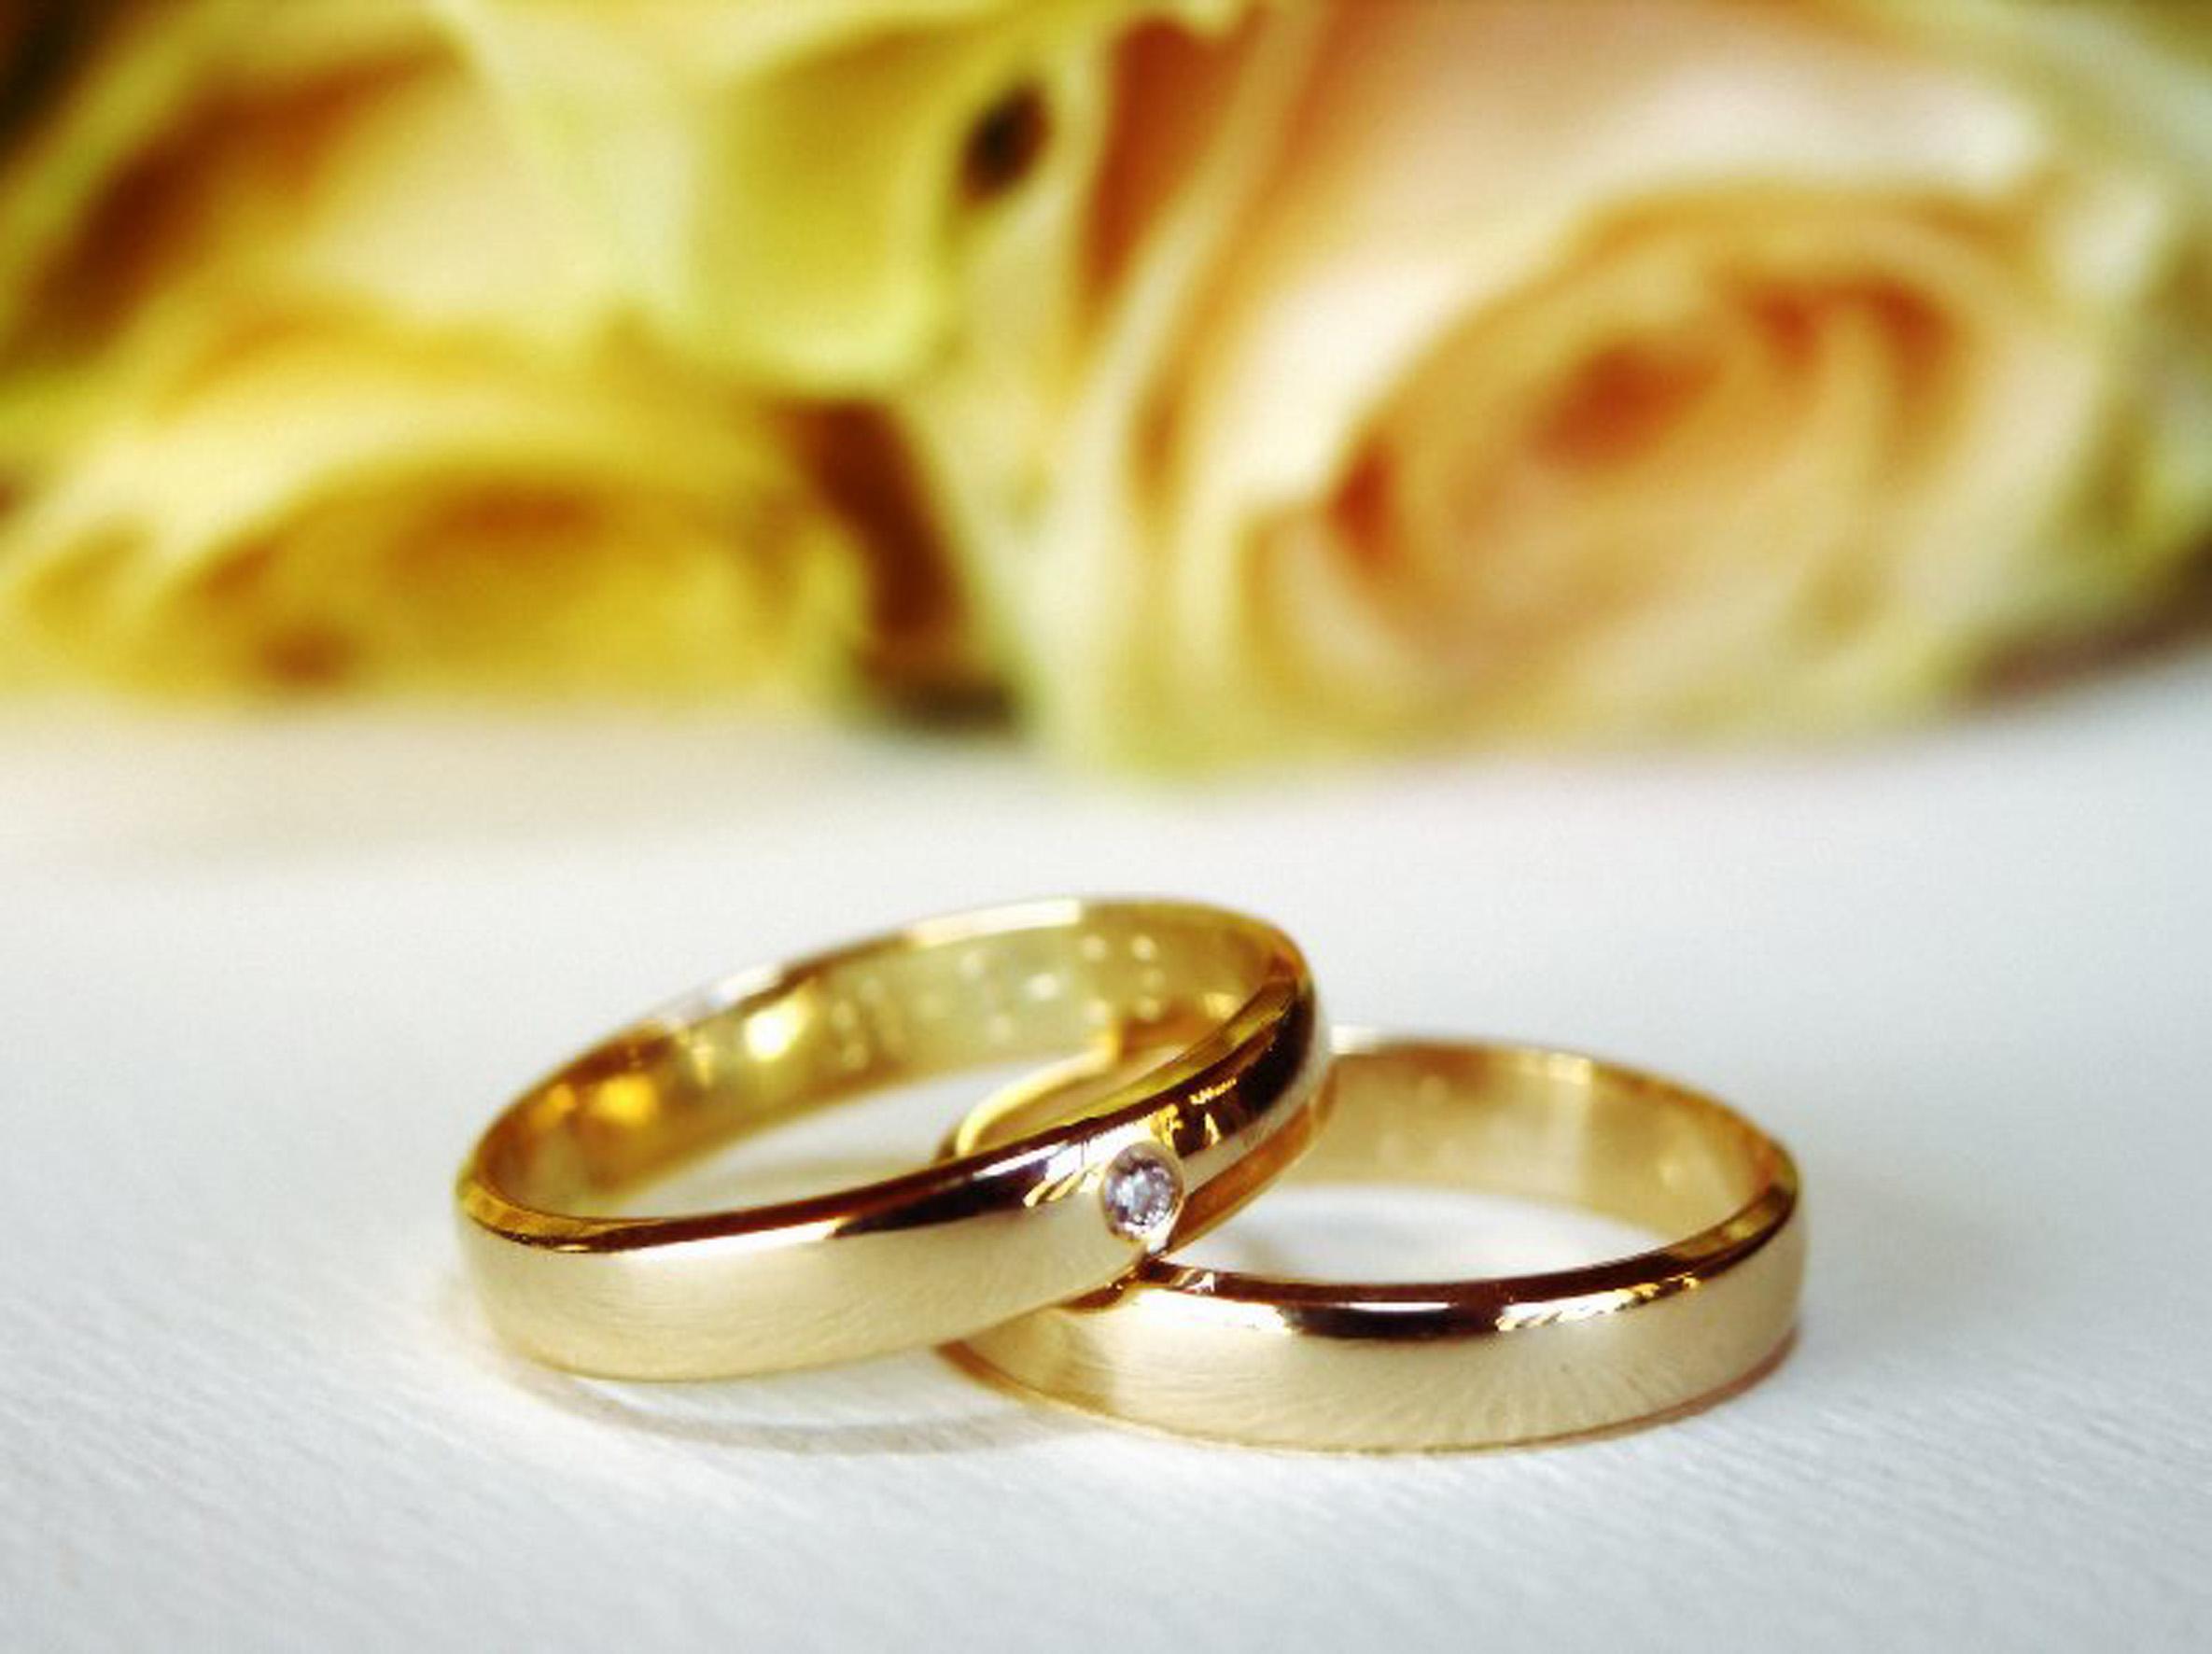 عقوبة عدم توثيق عقد الزواج